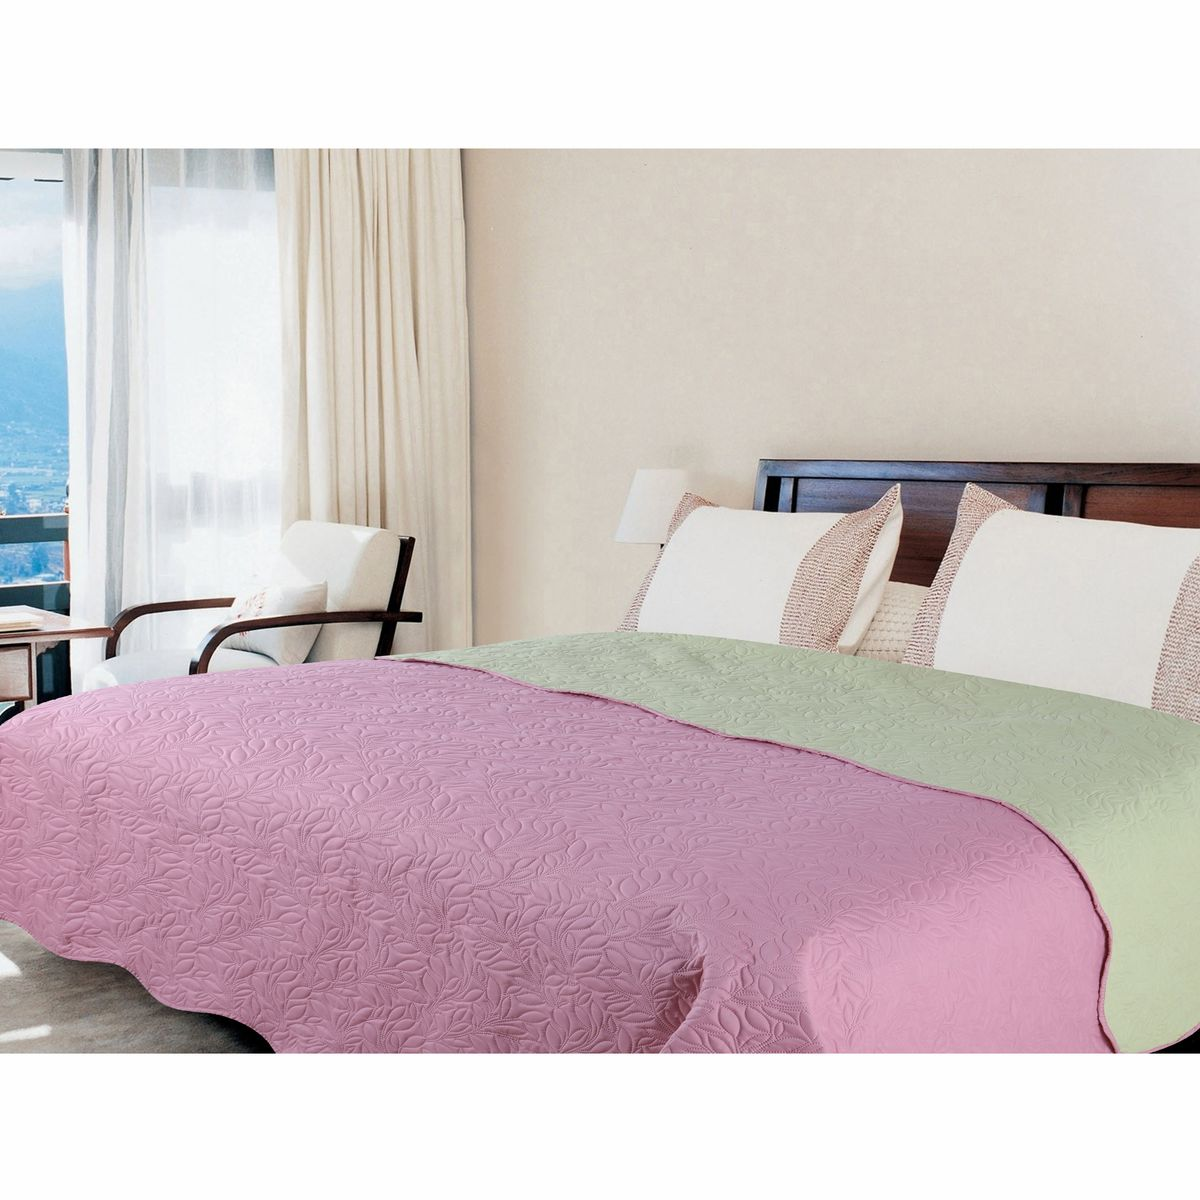 Покрывало Amore Mio Alba, цвет: розовый, зеленый, 160 х 200 см1004900000360Роскошное покрывало Amore Mio Alba идеально для декора интерьера в различных стилевых решениях. Однотонное изделие изготовлено из высококачественного полиэстера и оформлено рельефным рисунком. Покрывало Amore Mio Alba будет превосходно дополнять интерьер вашей спальни или станет прекрасным подарком любому человеку.Ручная стирка при 30°С. Не гладить, не отбеливать.